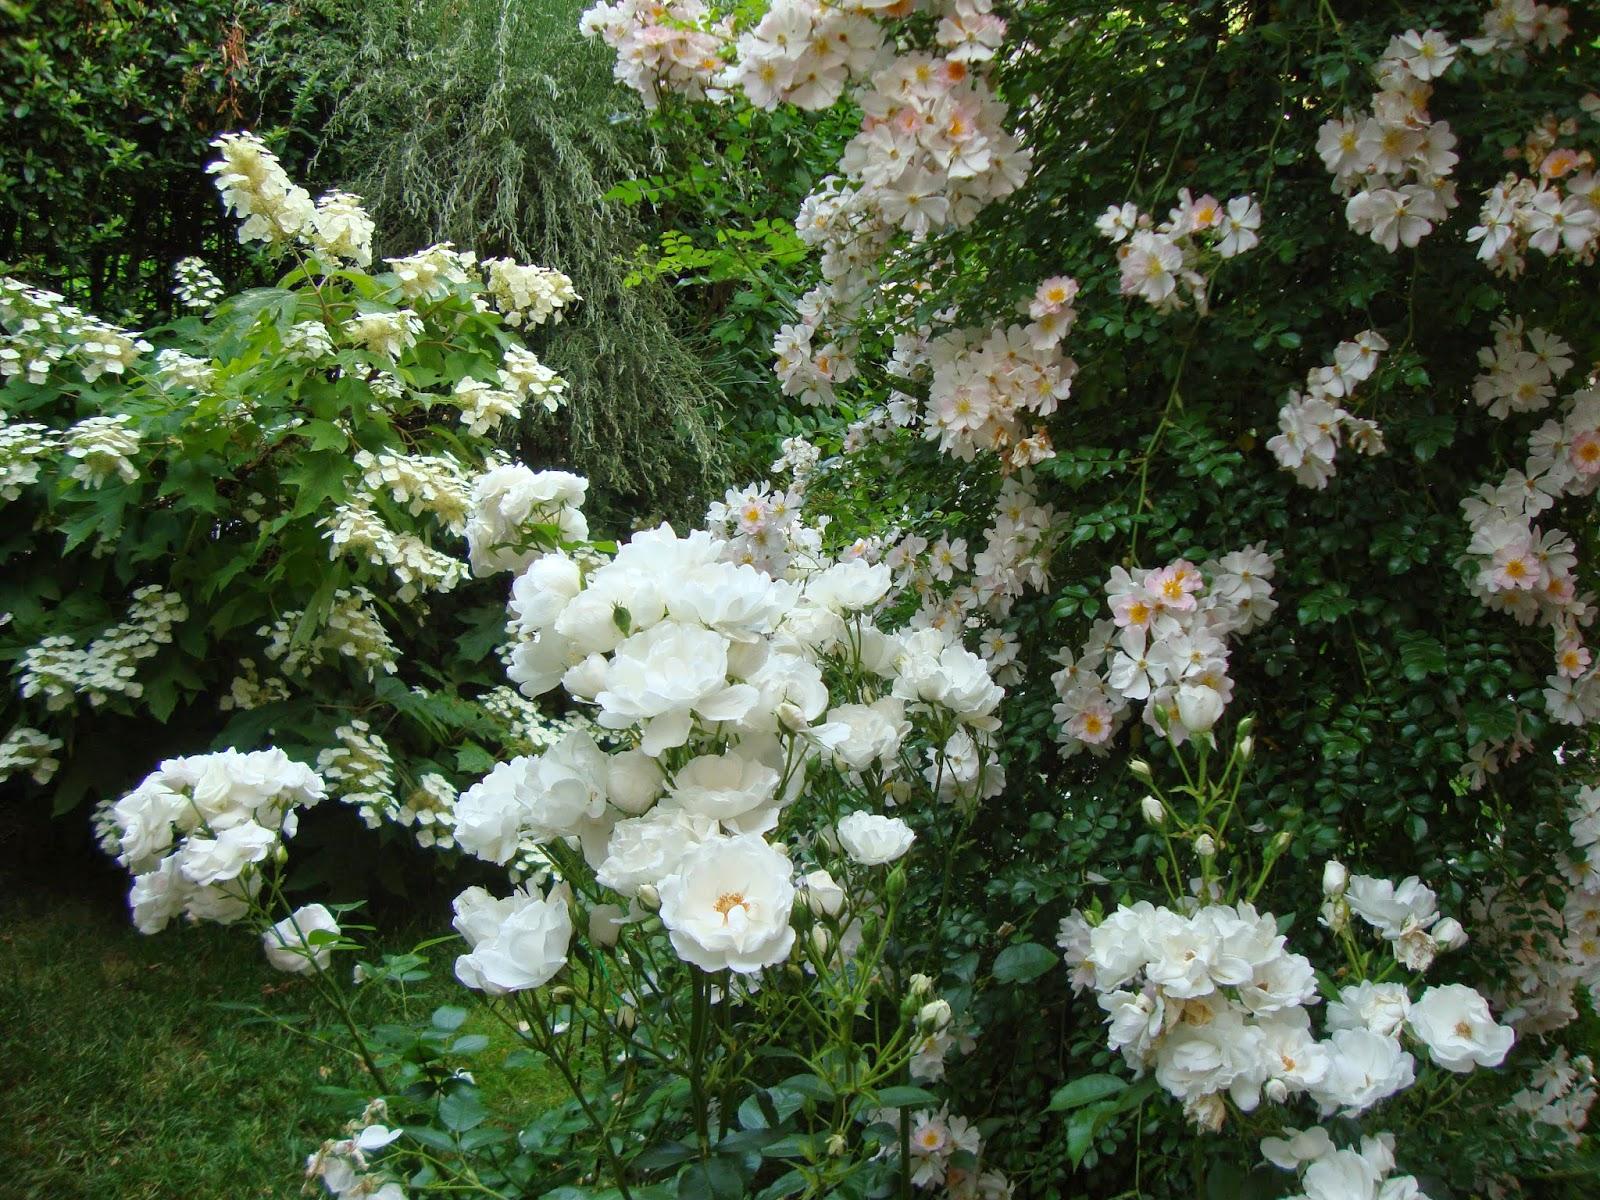 Un piccolo giardino in citt fiori bianchi perch - Fiori di giardino ...